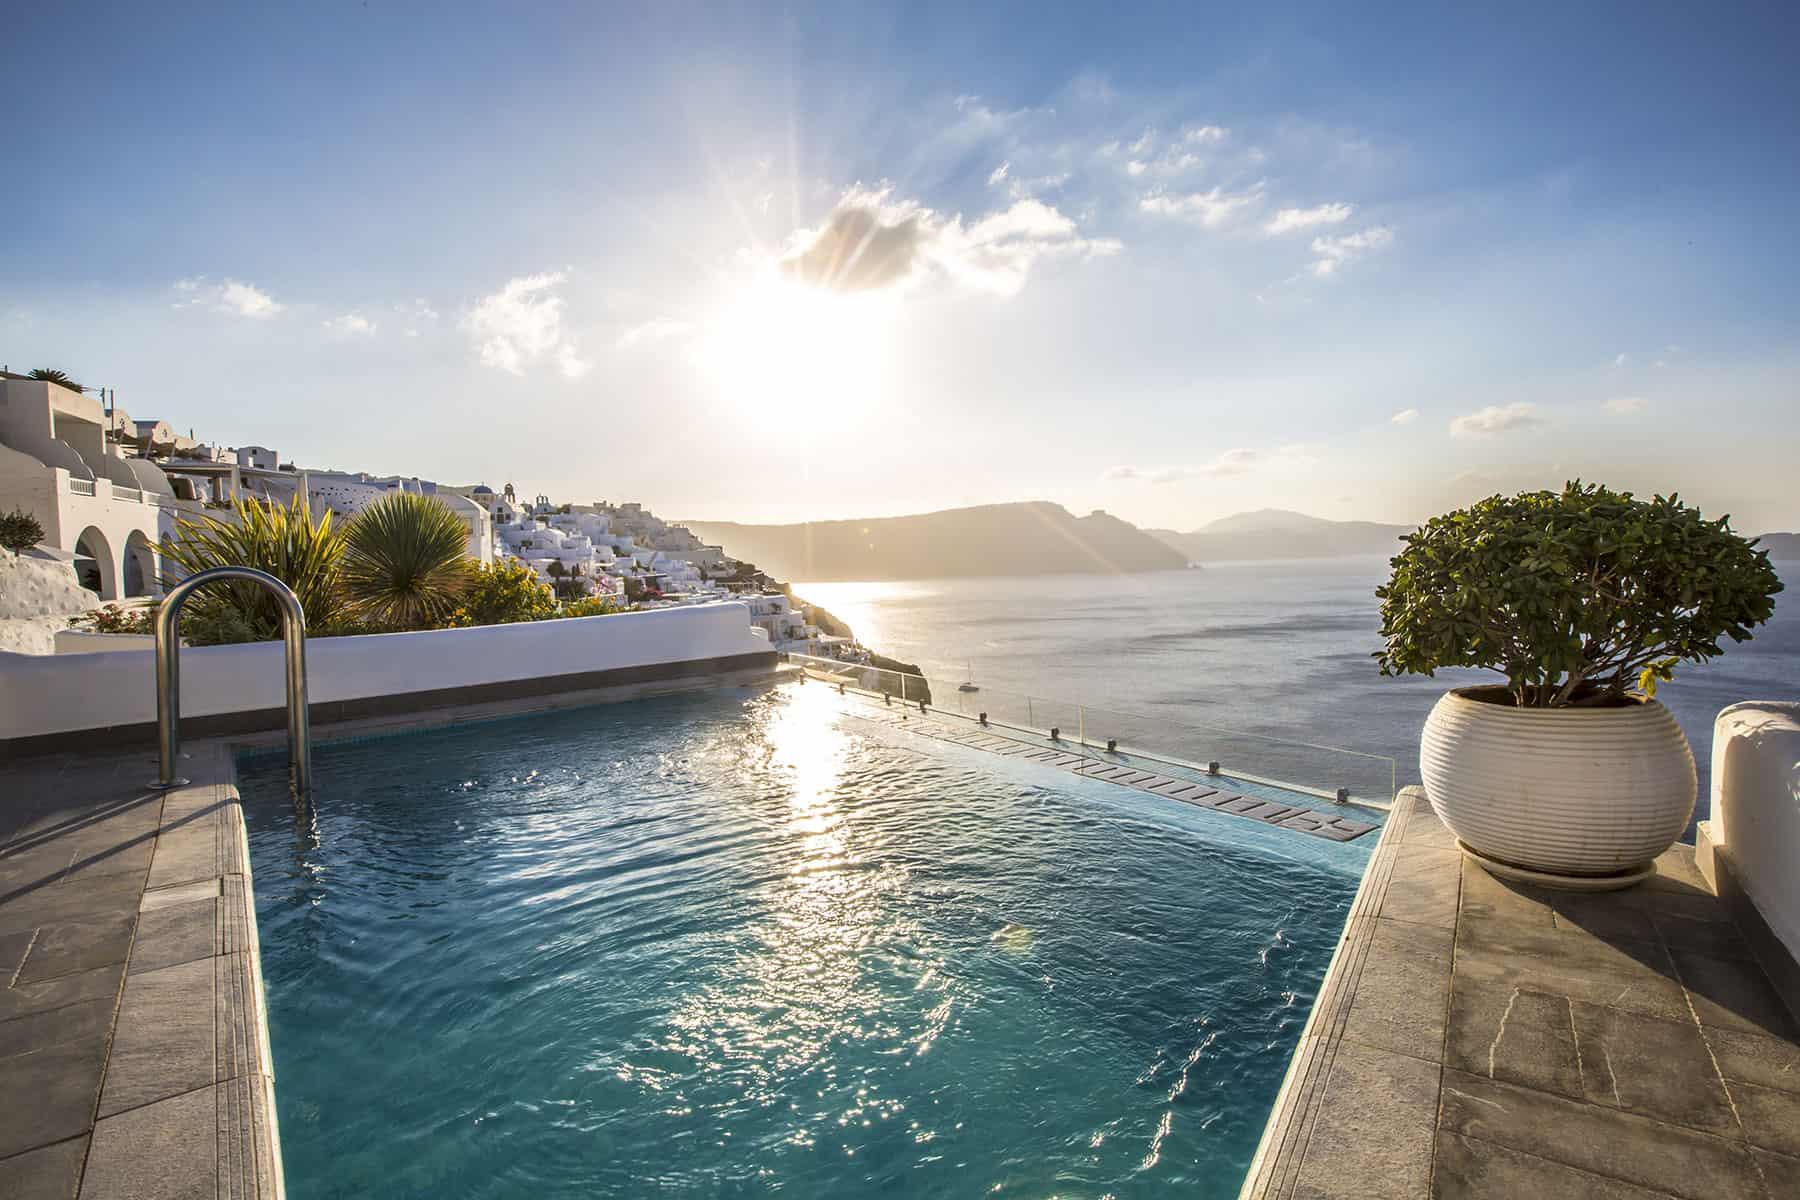 Resor-till-Grekland-med-boende-på-hotell-Santori-Secret-med-Nygren-Lind-Resebryå